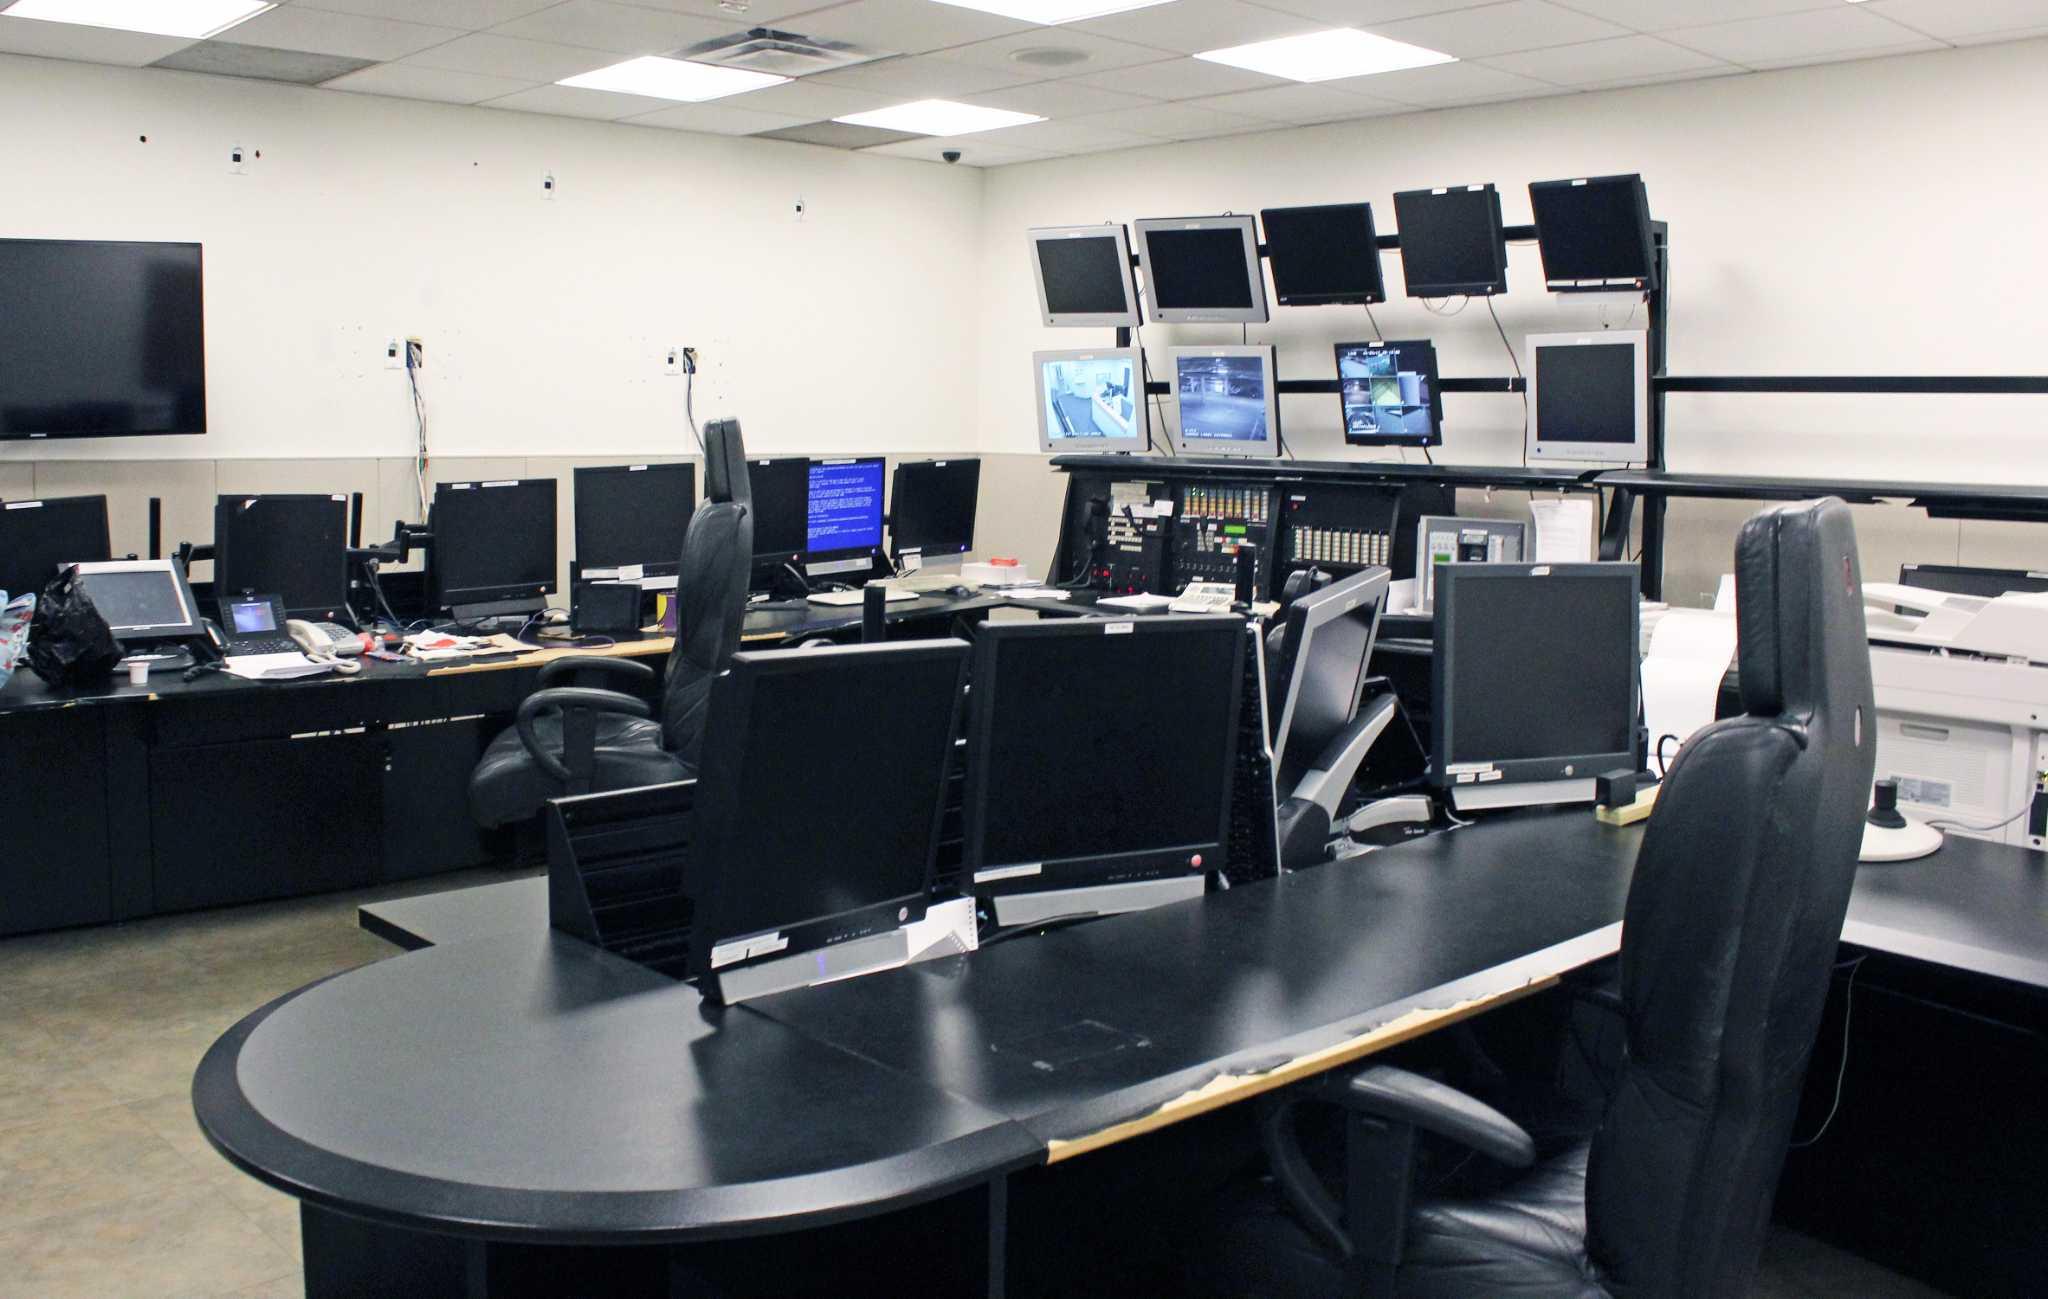 Westport RTM, Fairfield selectmen approve joint dispatch center at SHU